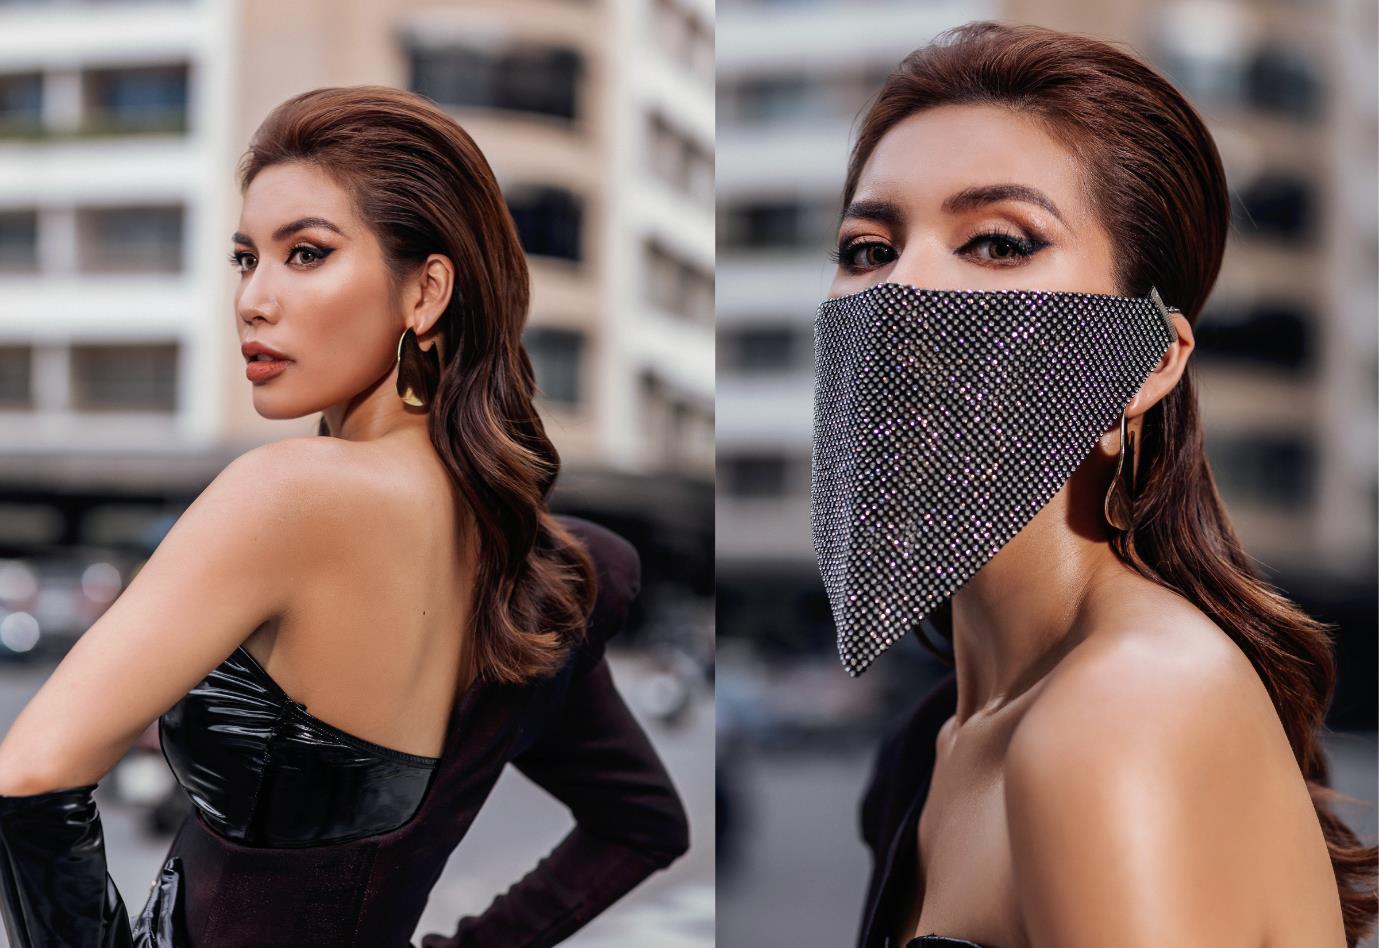 Diện đồ street style vẫn catwalk đầy thần thái, bộ đôi Hà Anh - Minh Tú vừa trở lại đã khuấy đảo làng thời trang Việt - Ảnh 1.